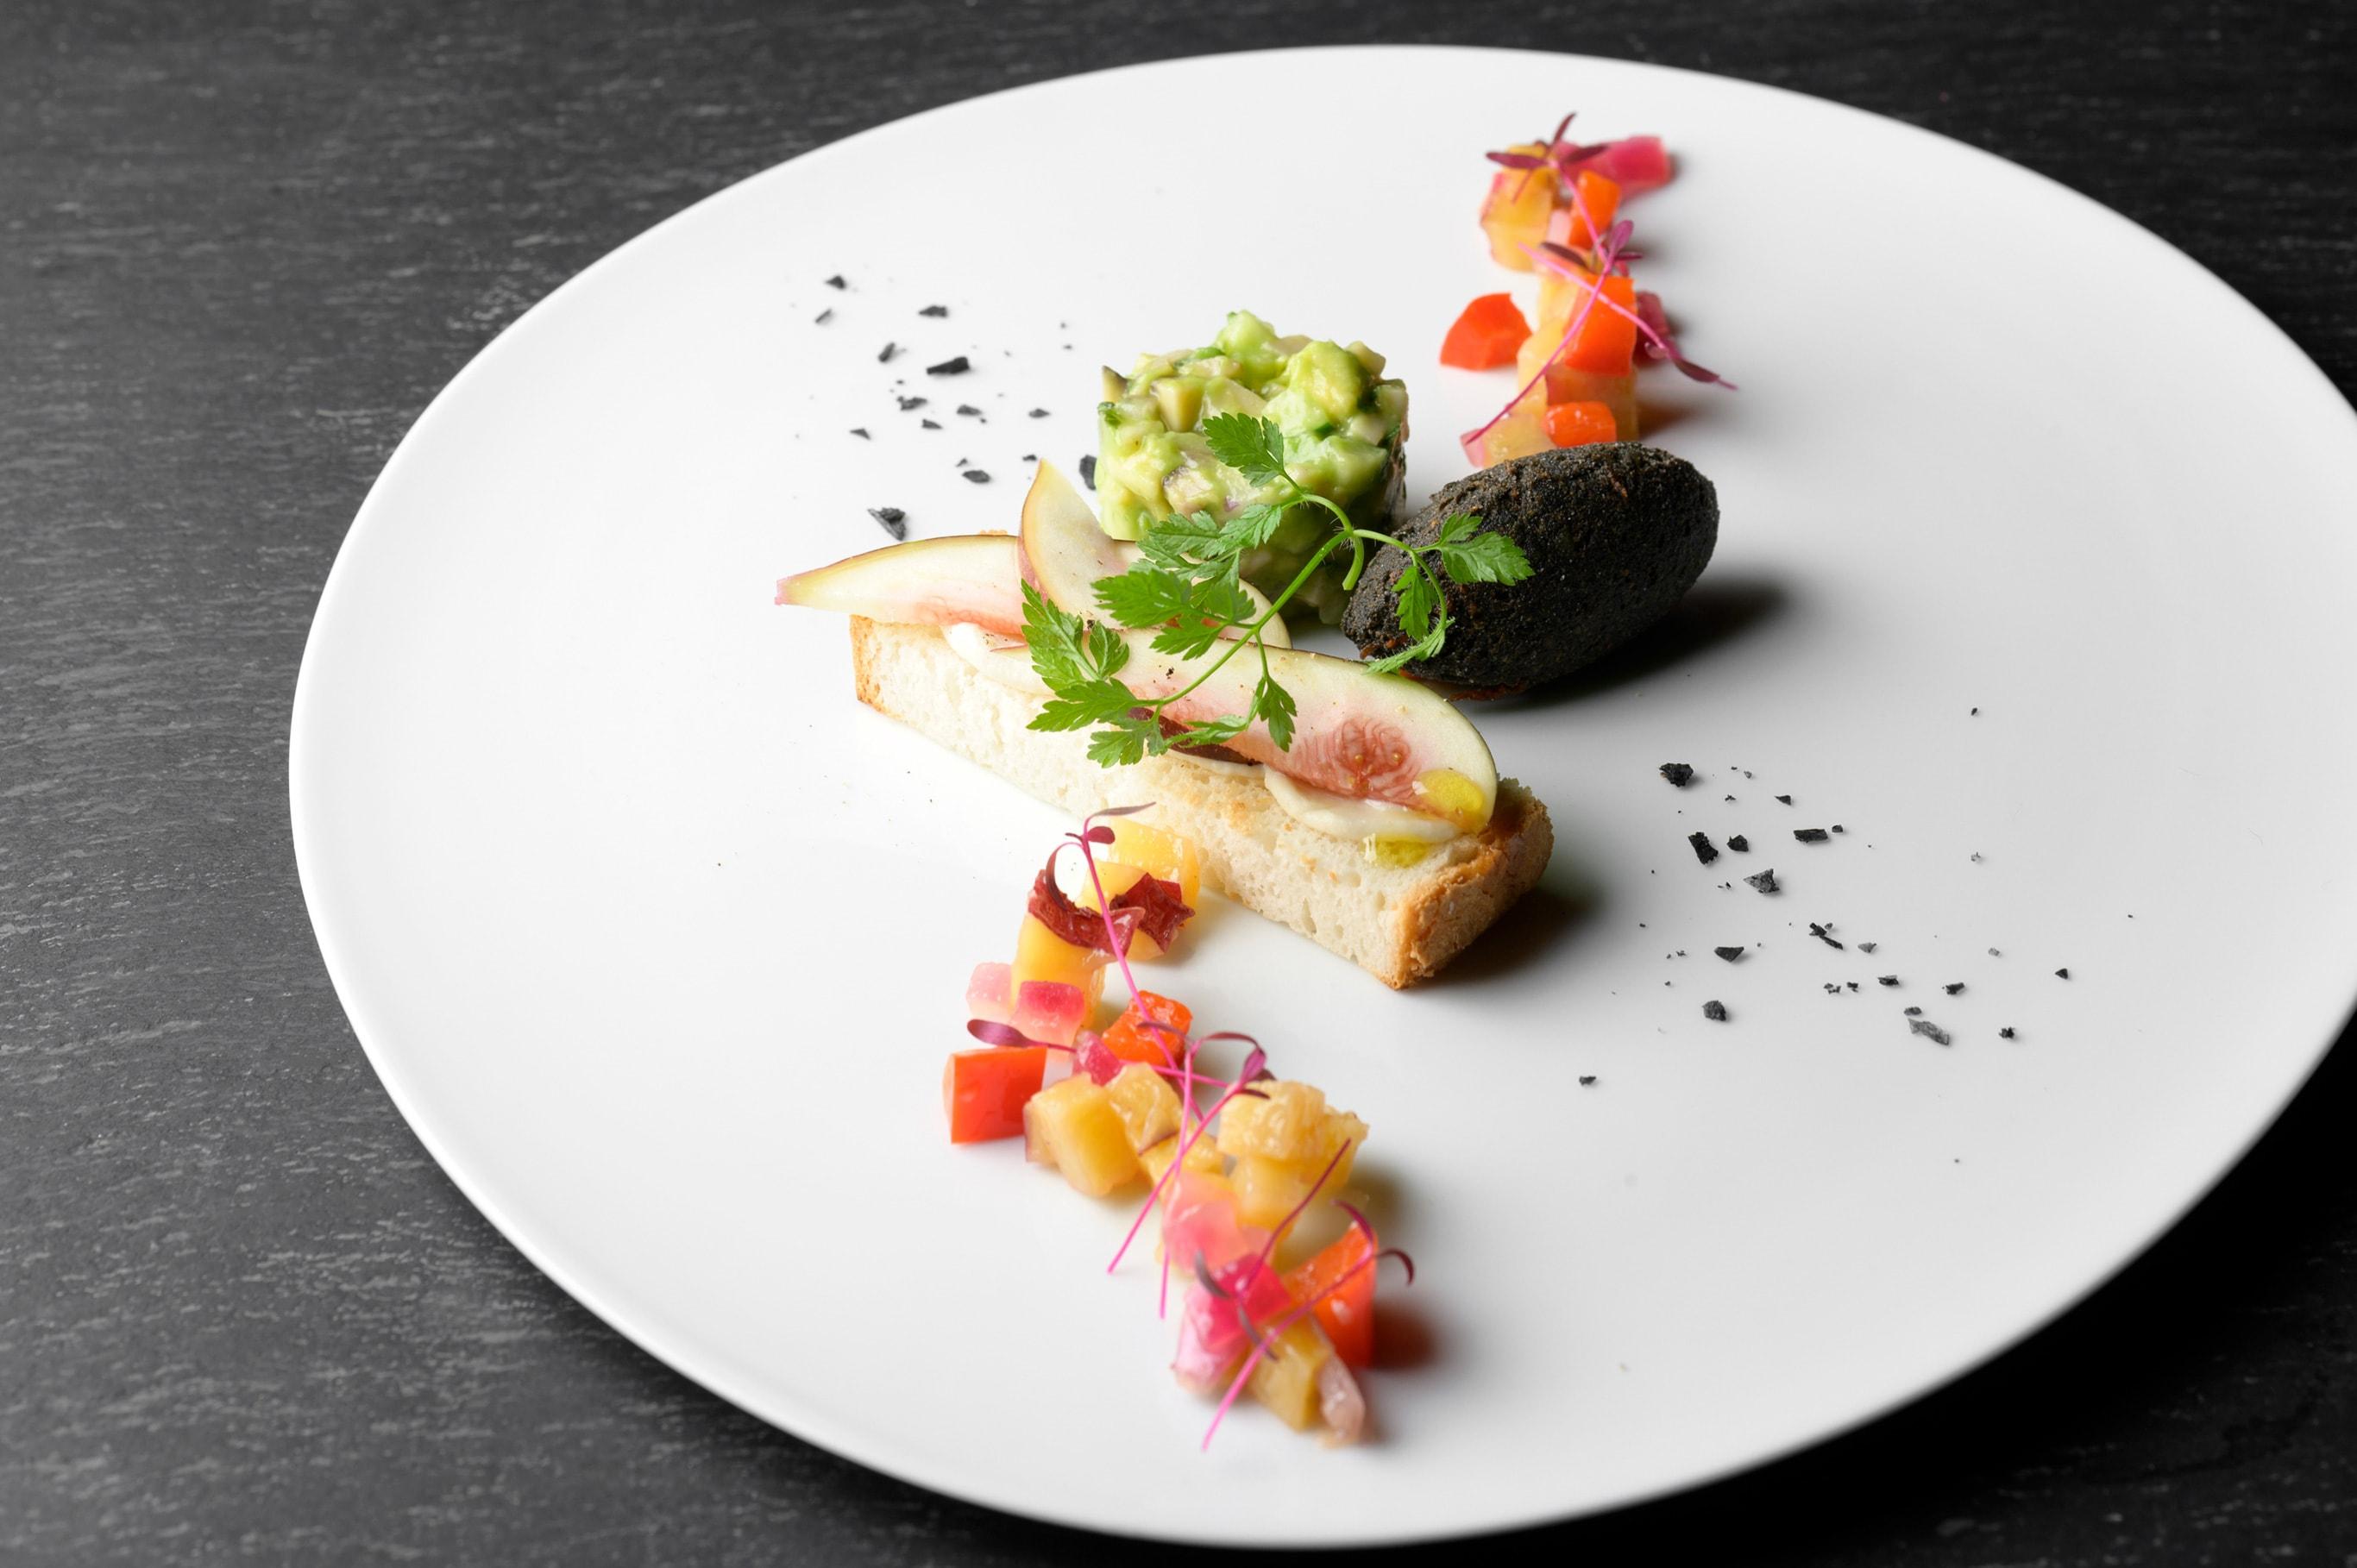 ヴィーガン料理とは気がつかないほど美しい彩りと豊かな味わいが「エイタブリッシュ」の特徴だ。